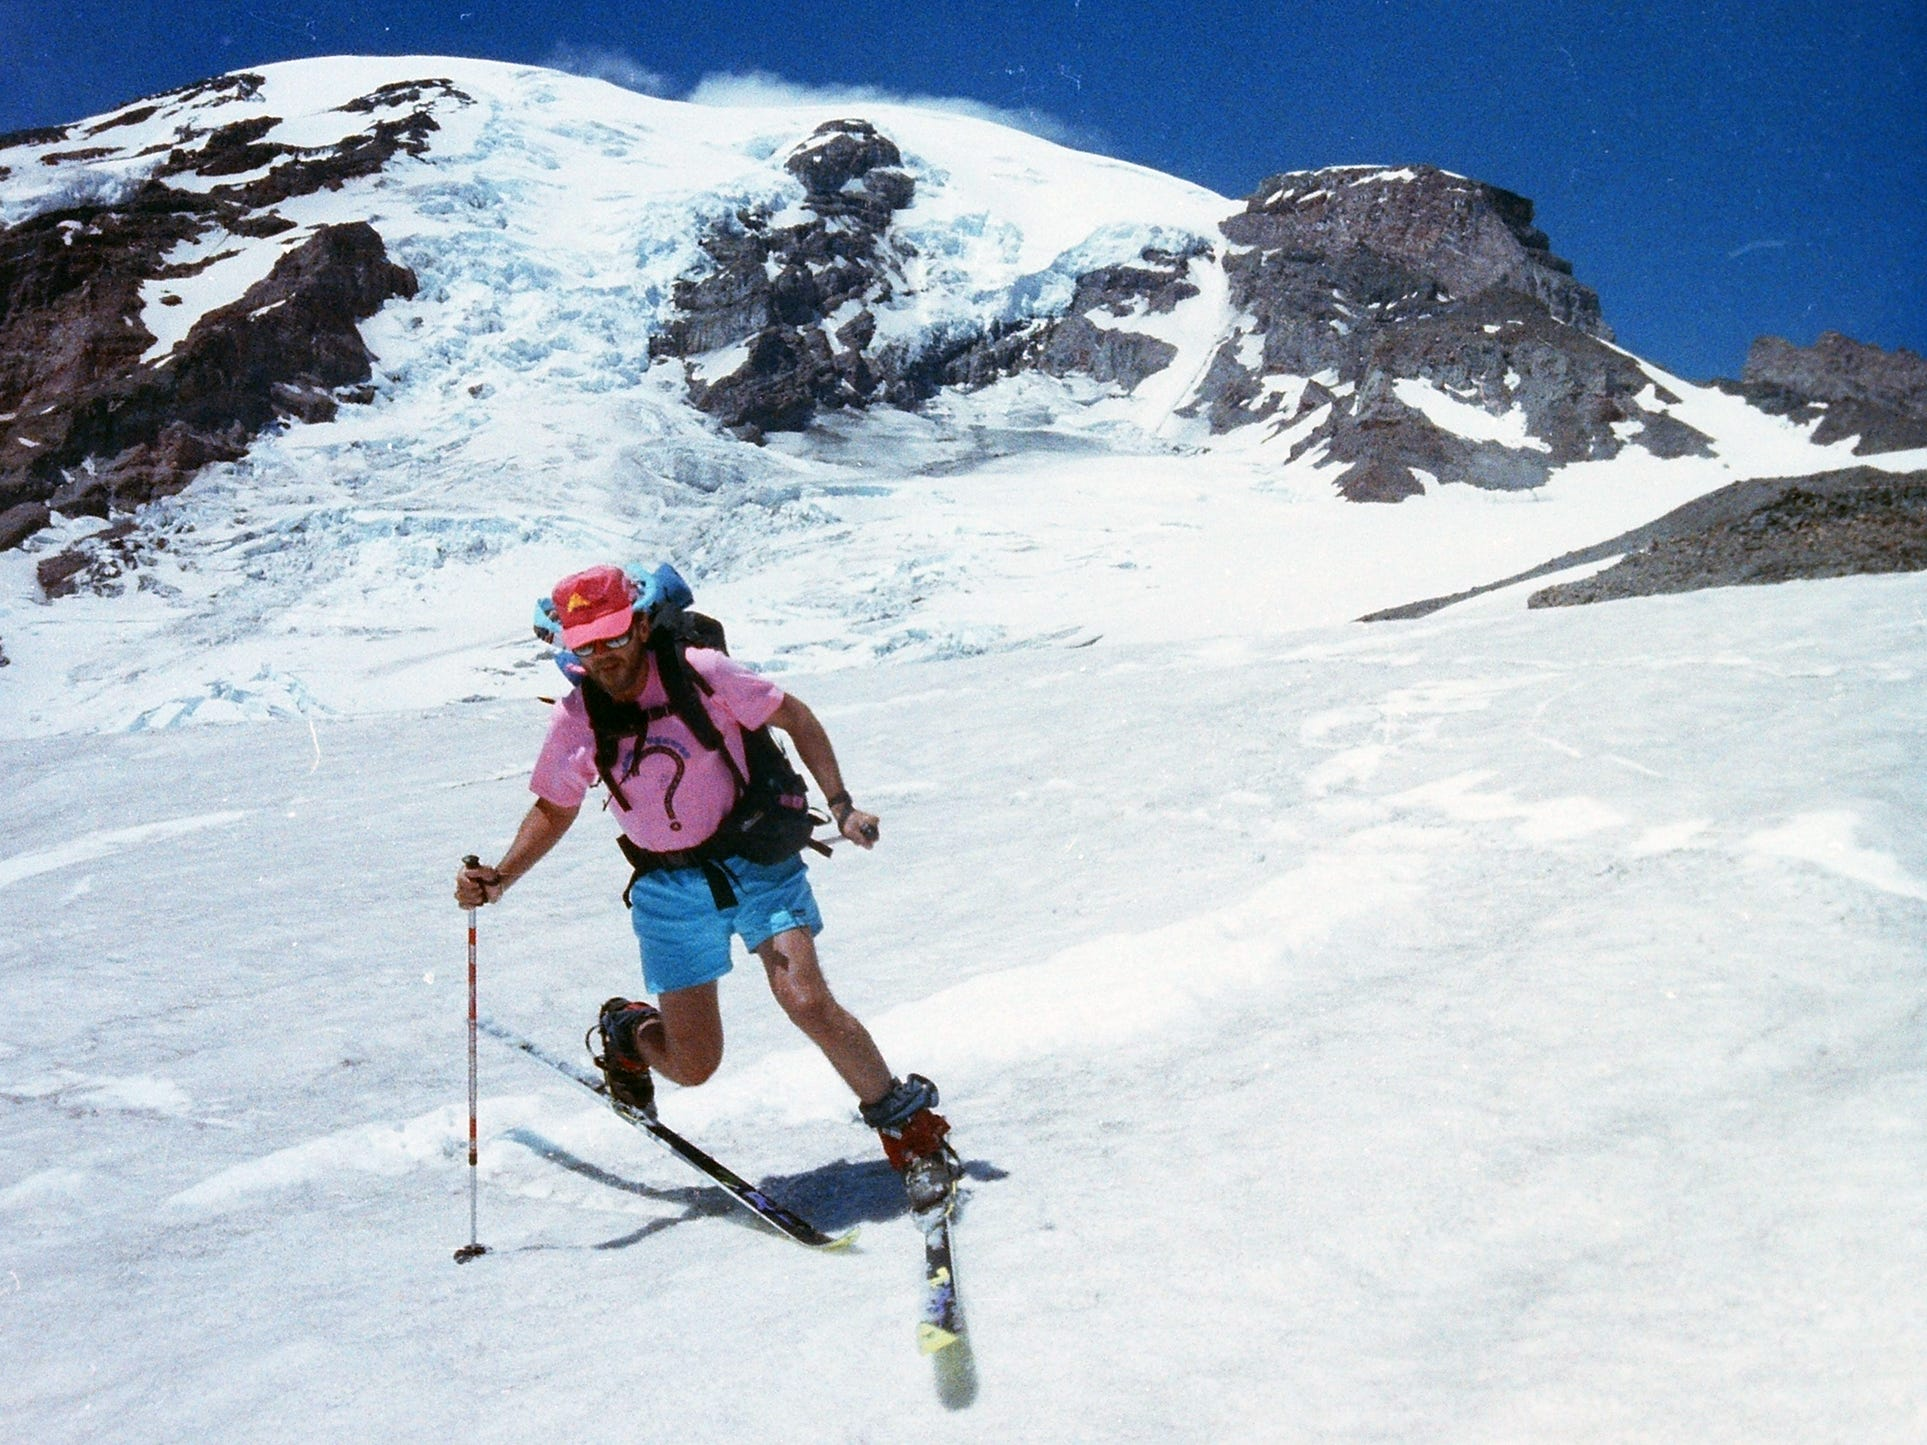 07/29/91Summer Skiing